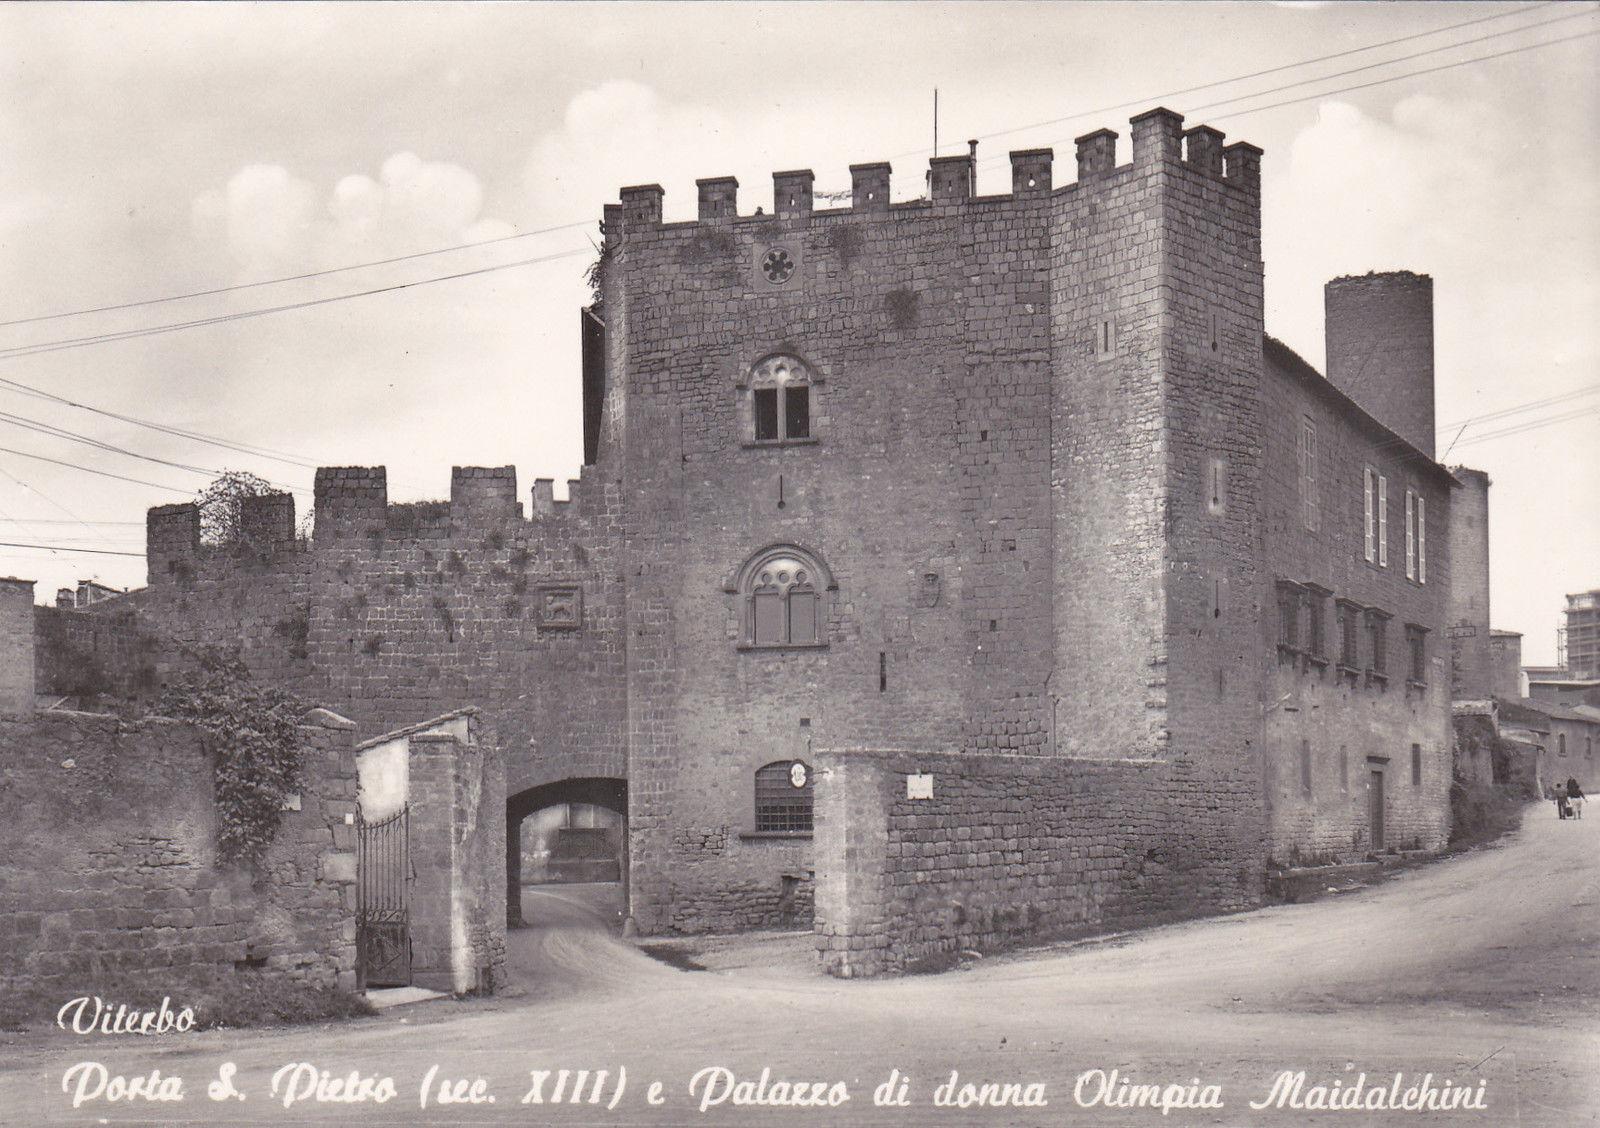 Immagine 1 - * VITERBO - Porta San Pietro e Palazzo di Donna Olimpia Maidalchini